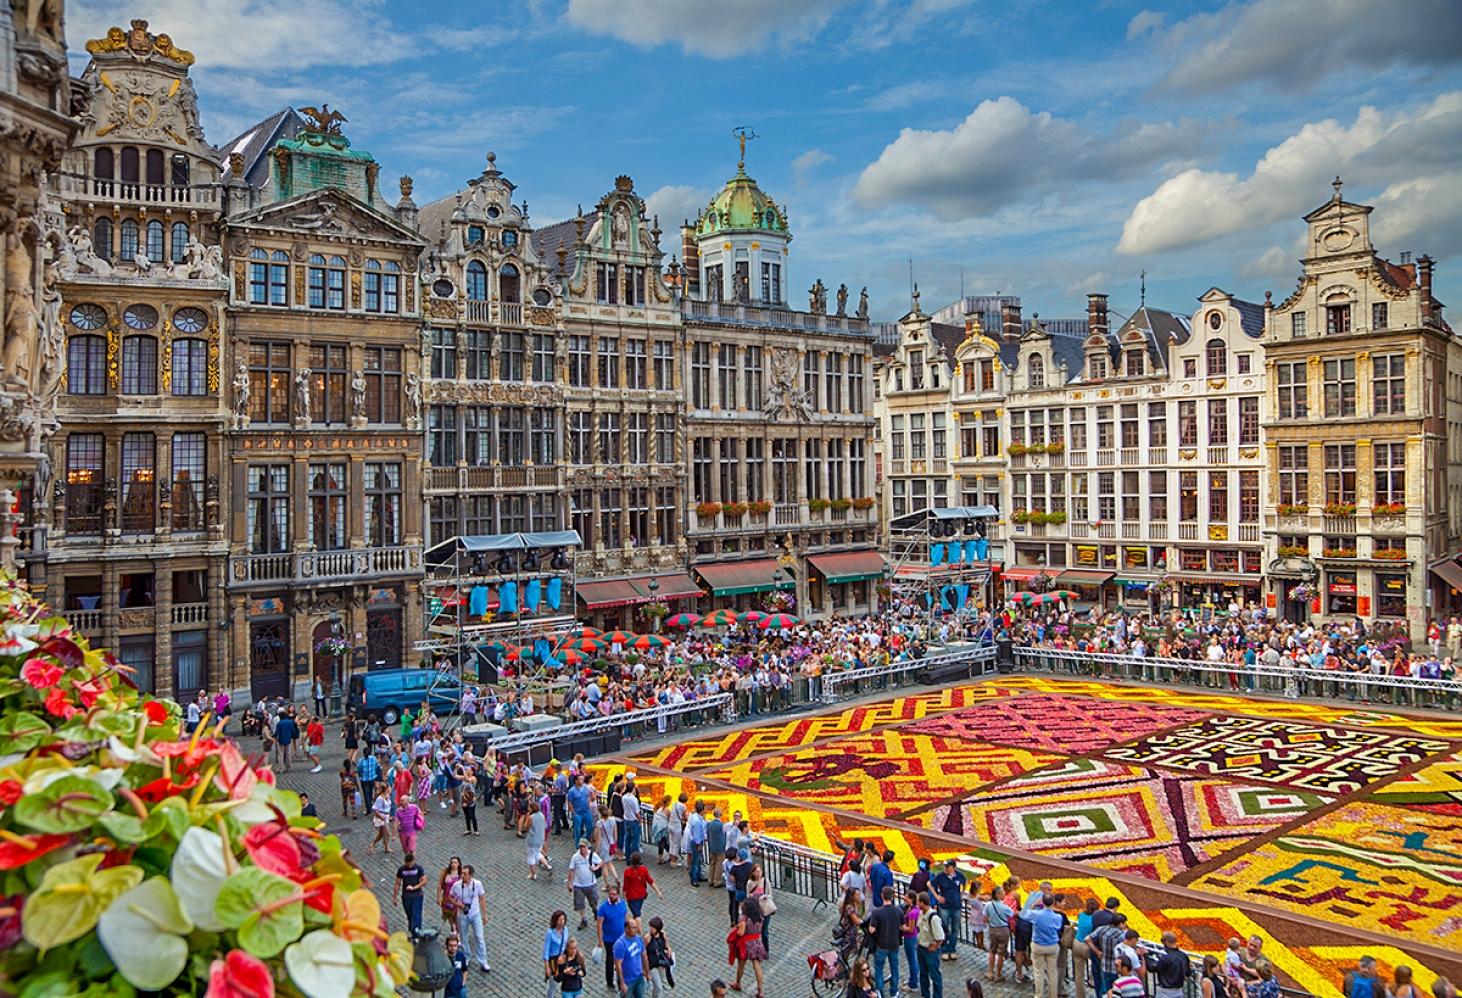 Брюссельский цветочный ковер, Бельгия, 16.08 - 19.08.2018